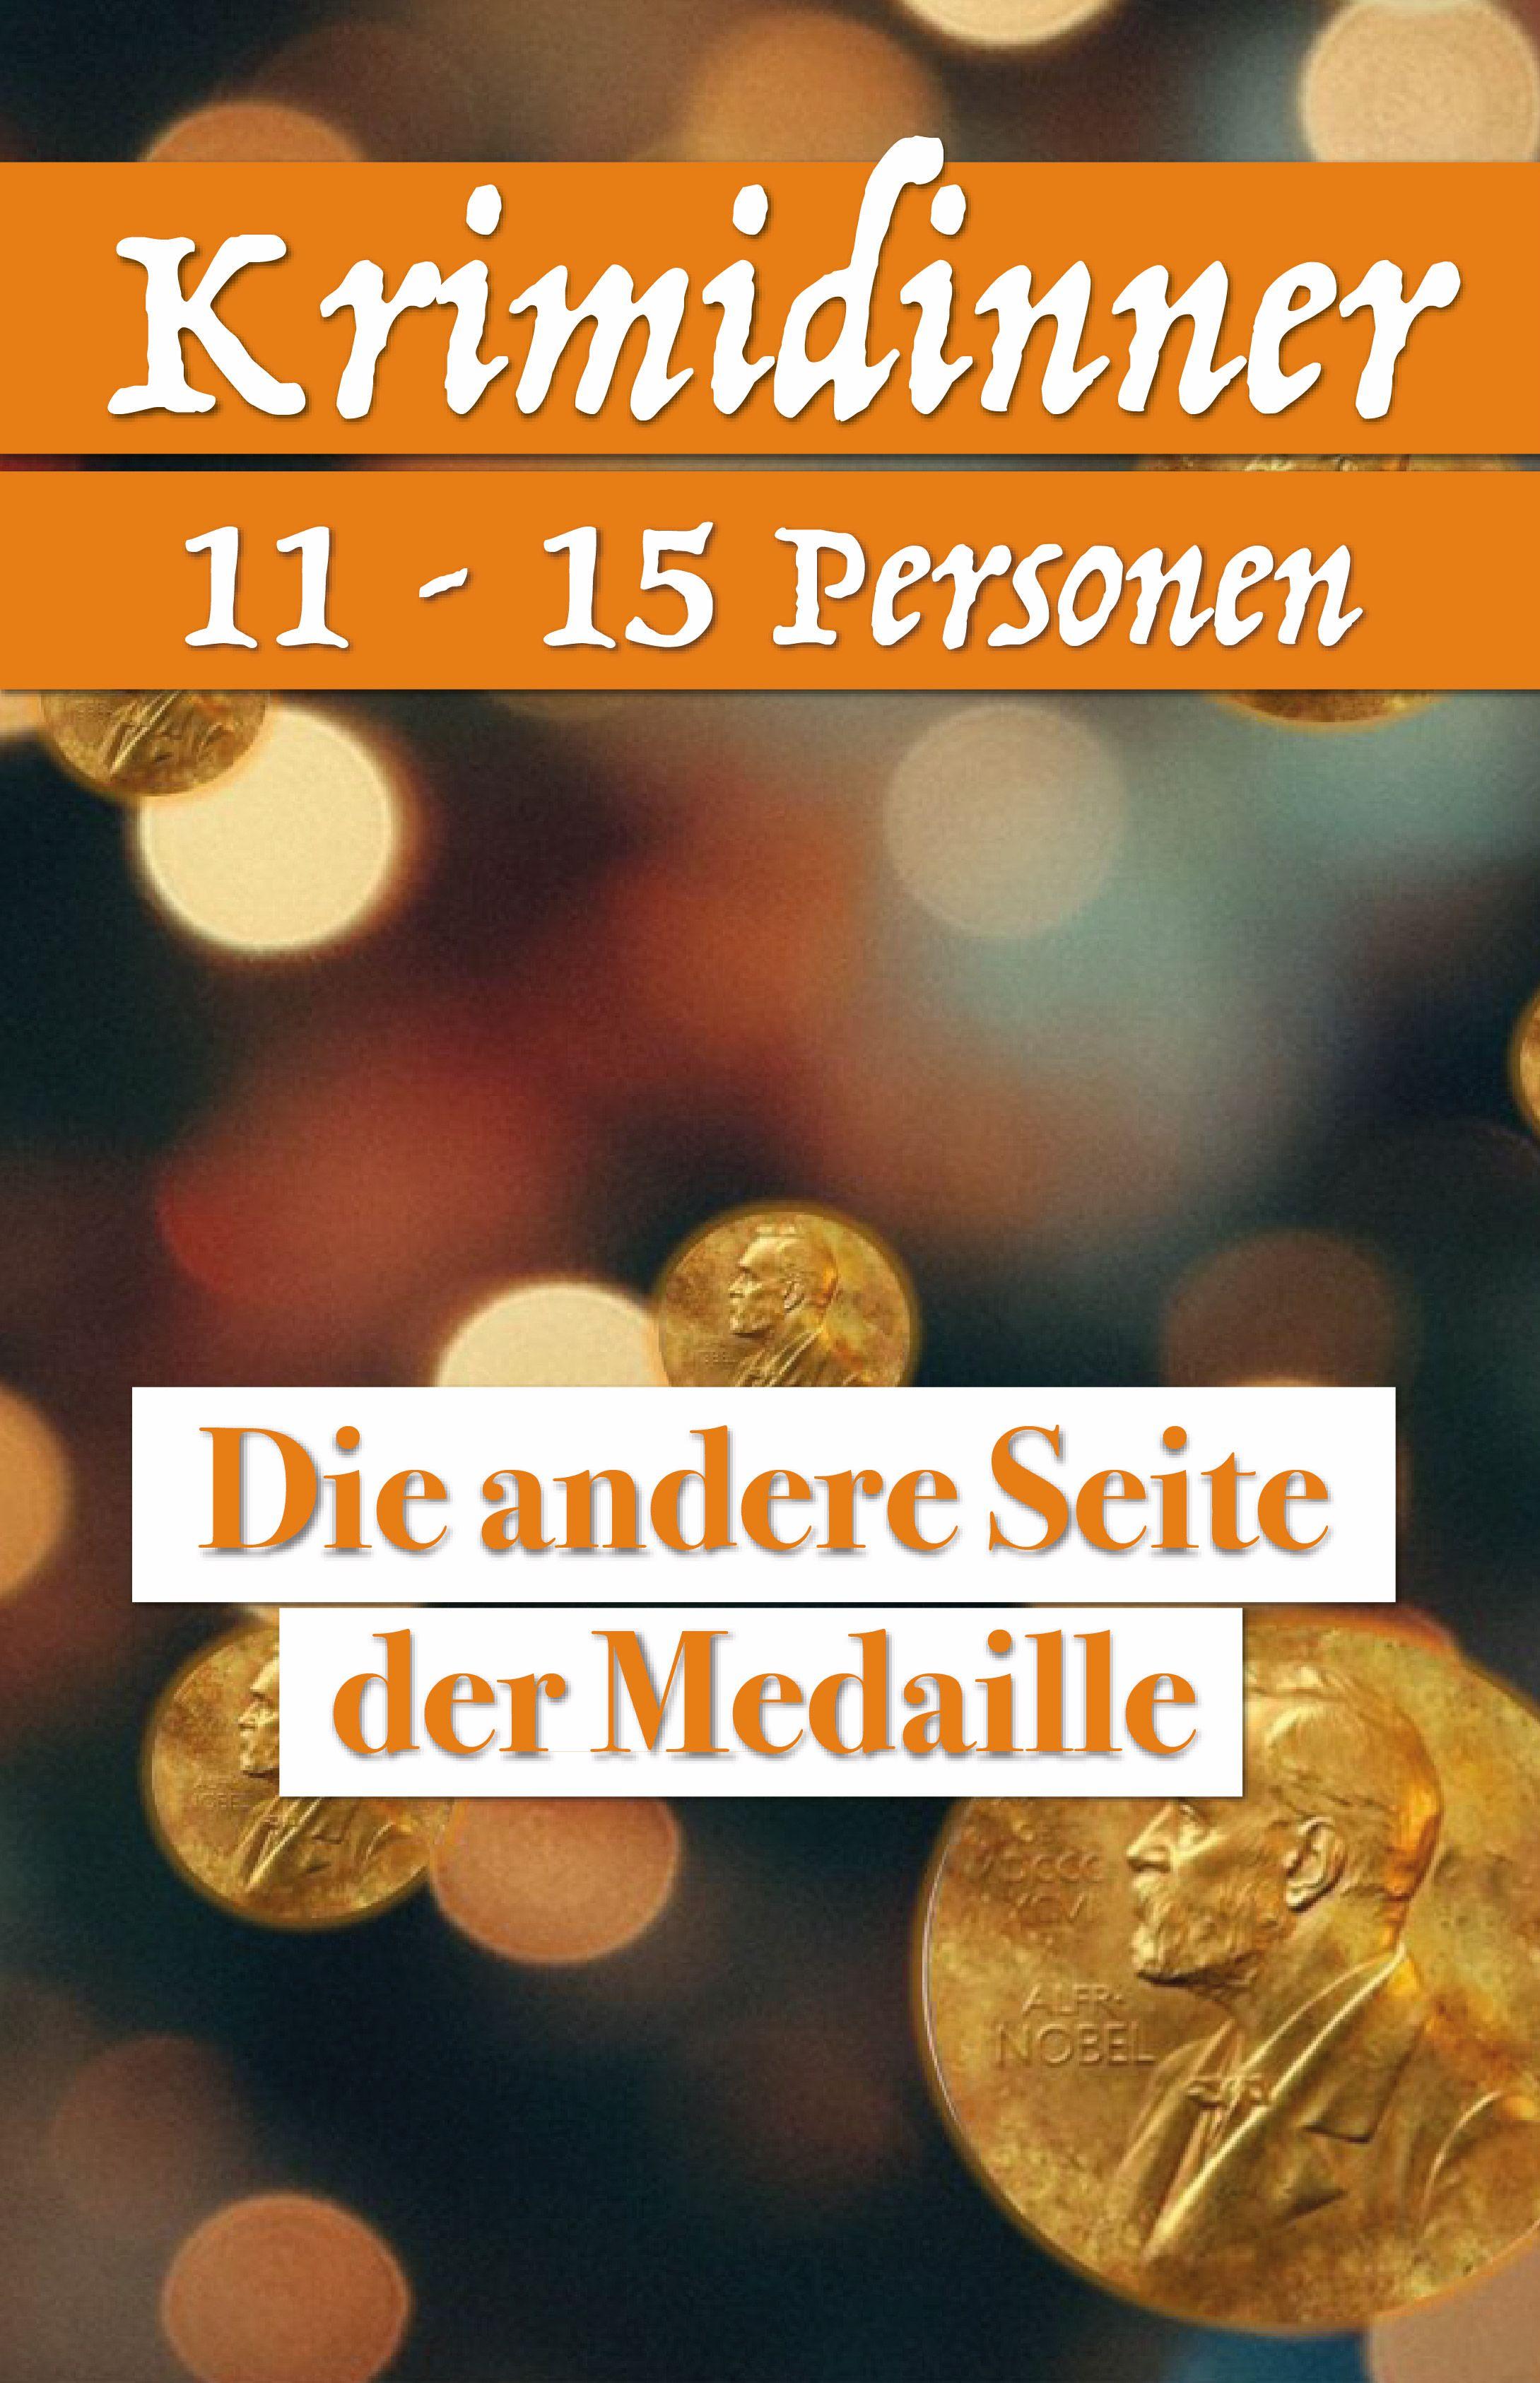 Krimidinner für 11 - 15 Personen Die andere Seite der Medaille